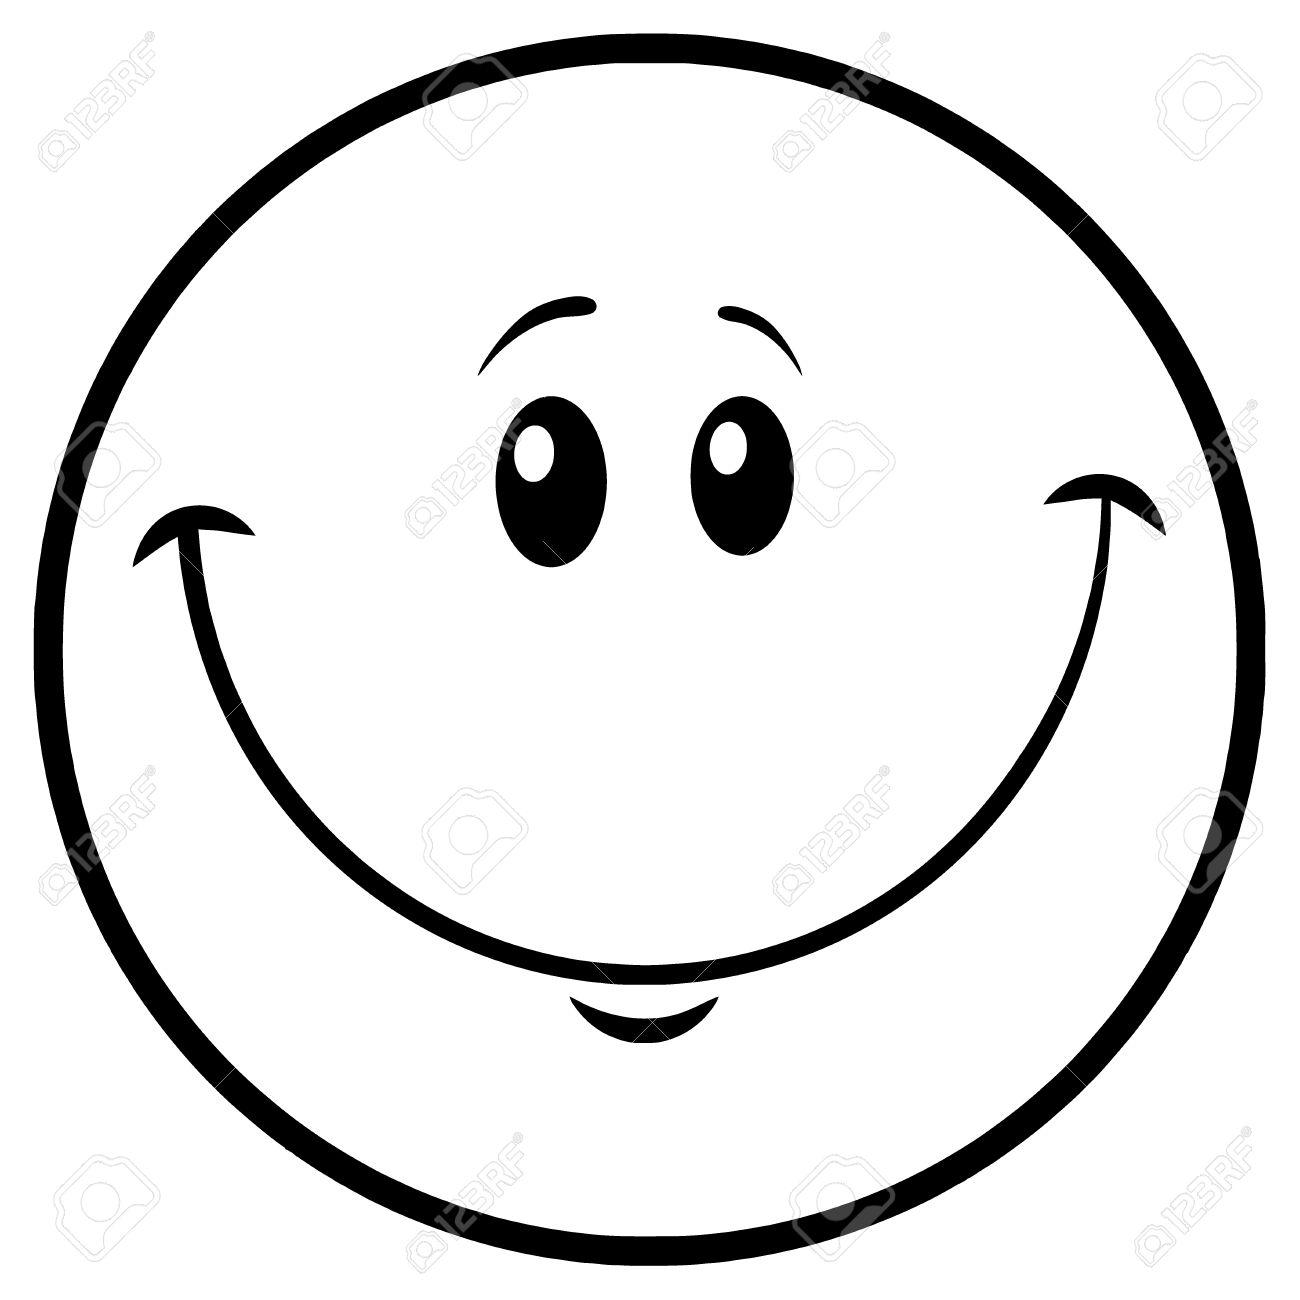 Personaje De Dibujos Animados Sonriente Blanco Y Negro De La Cara Ilustración Aislada Sobre Fondo Blanco Fotos Retratos Imágenes Y Fotografía De Archivo Libres De Derecho Image 74264757